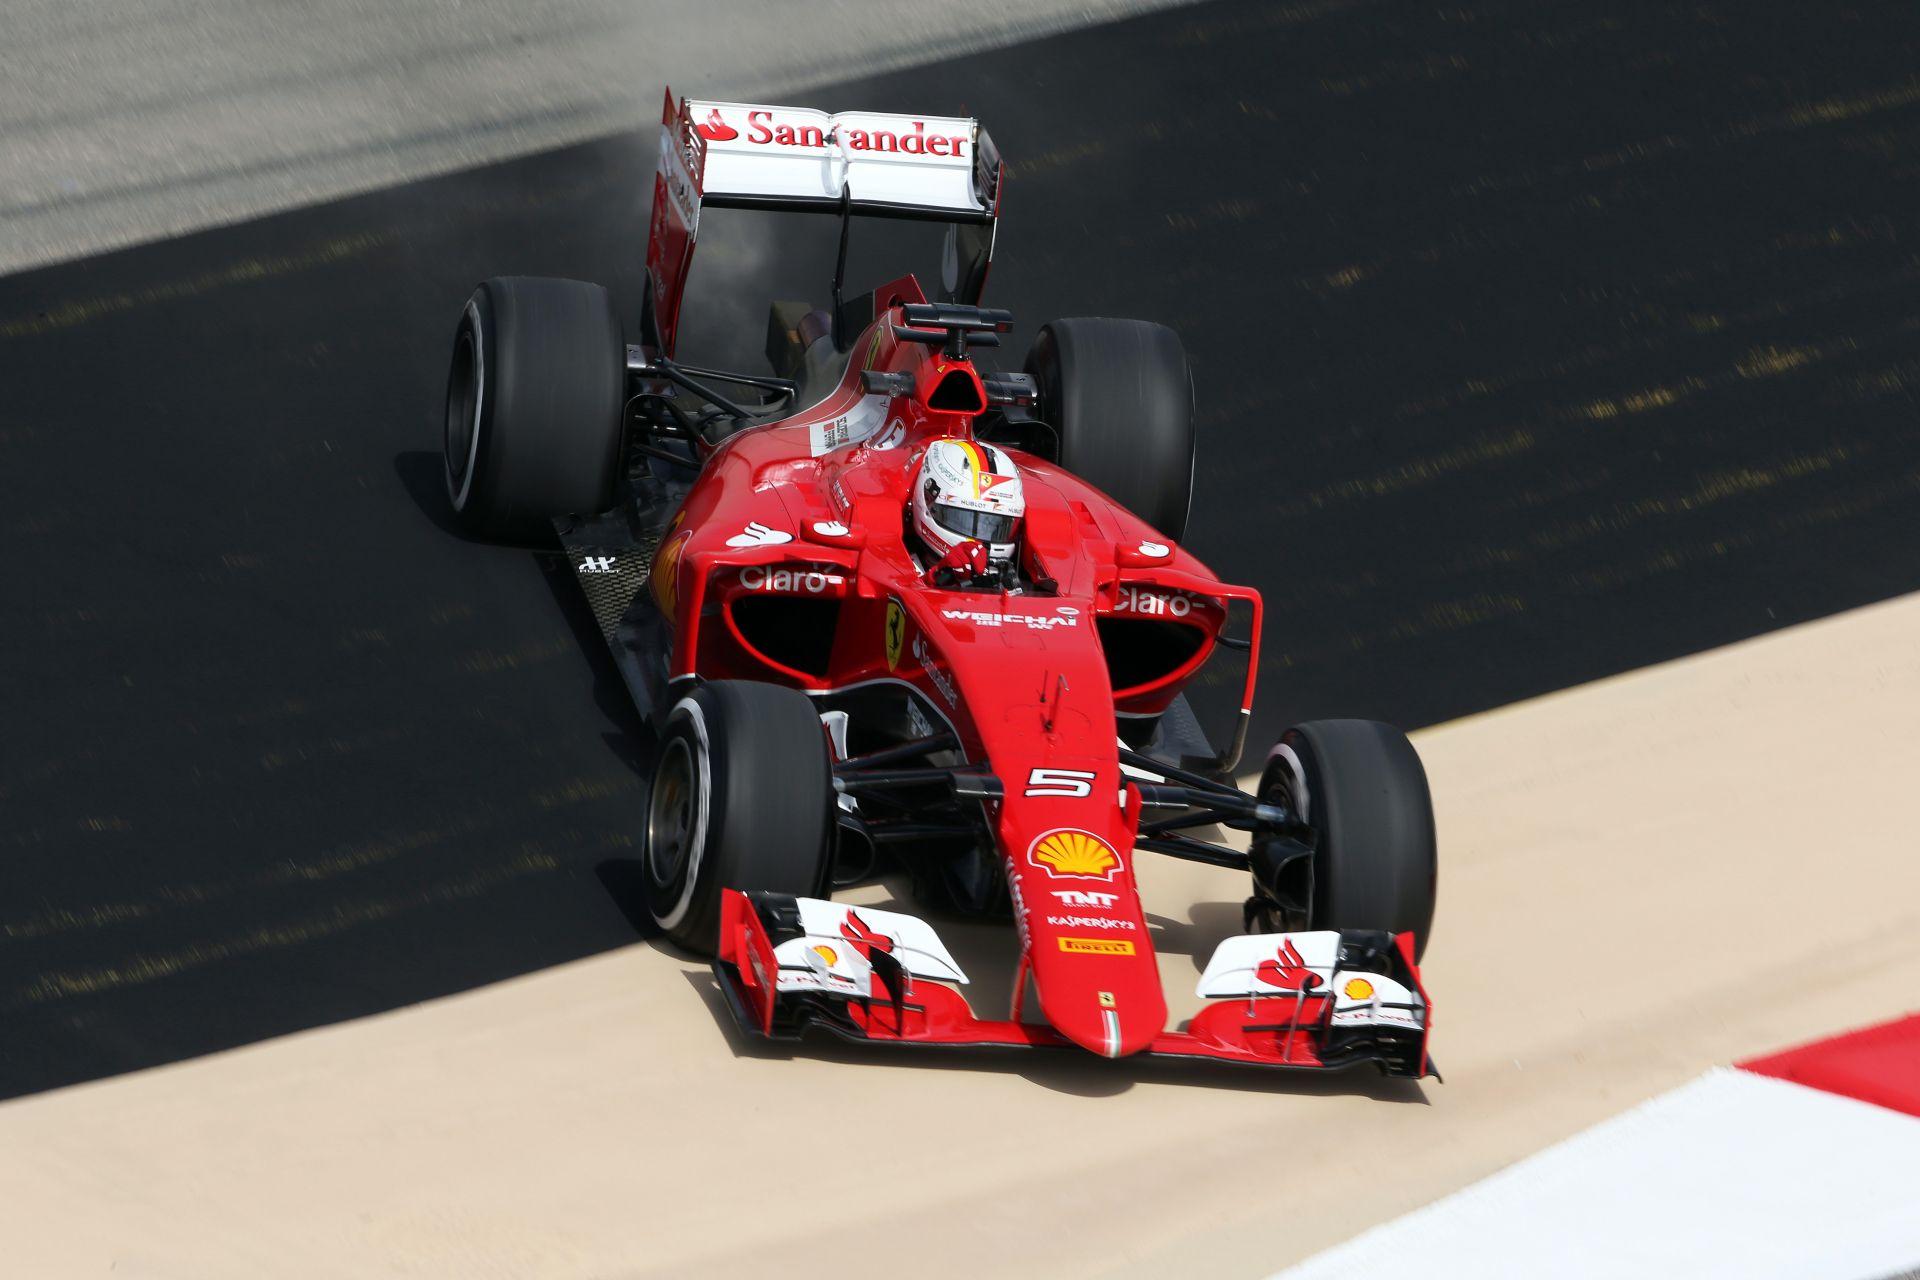 Csak Kanadában debütál a Ferrari új motorja: Monzára utolérhetik a Mercedest motorerőben